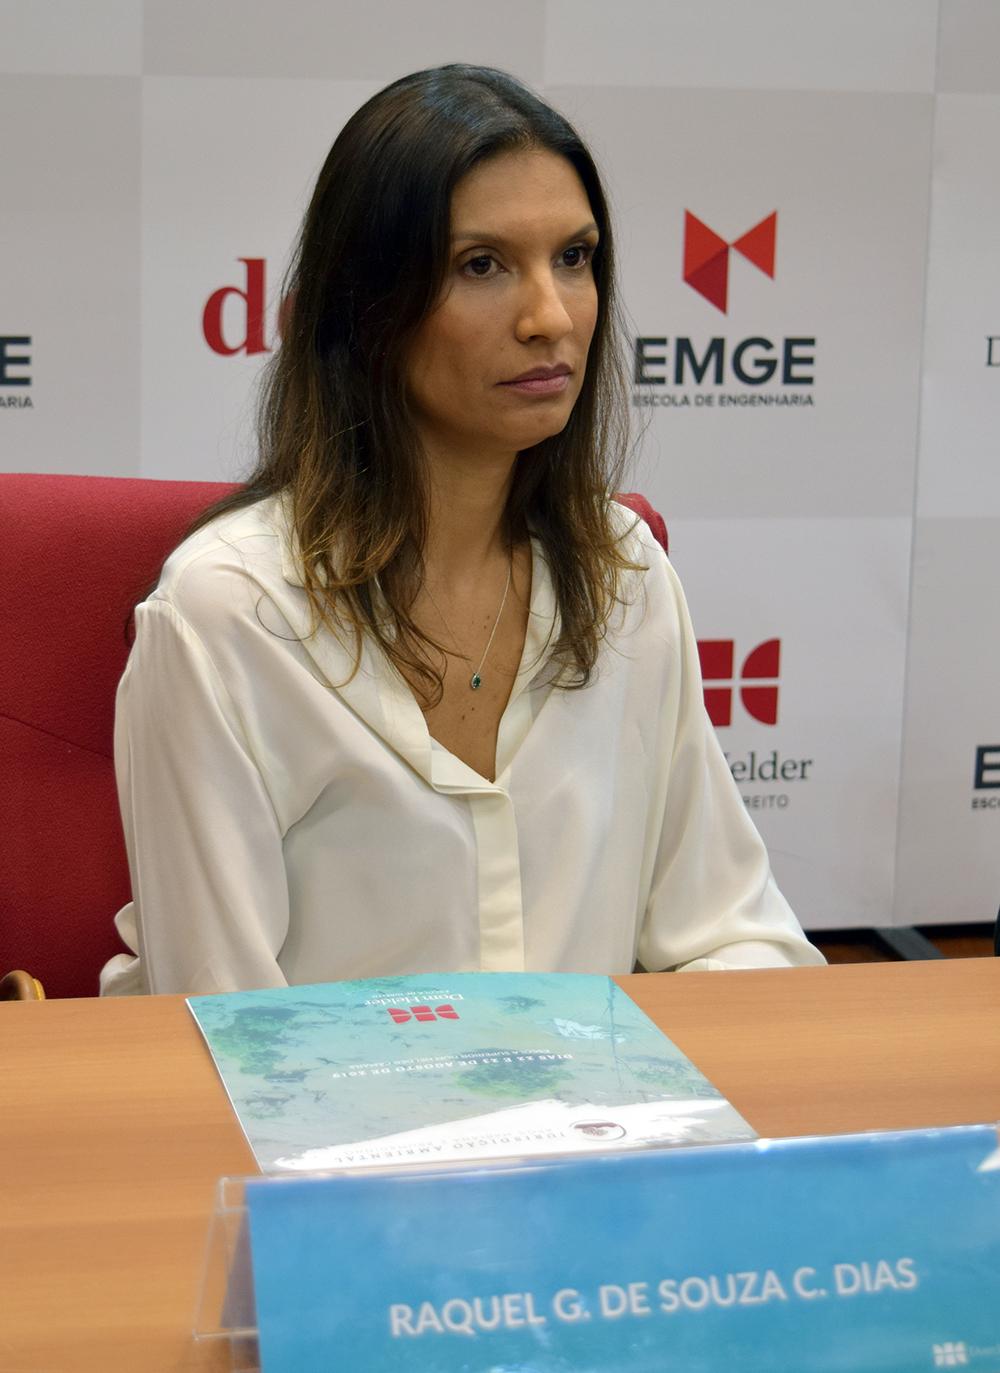 Raquel Costa Dias, chefe de Gabinete da Defensoria Pública.